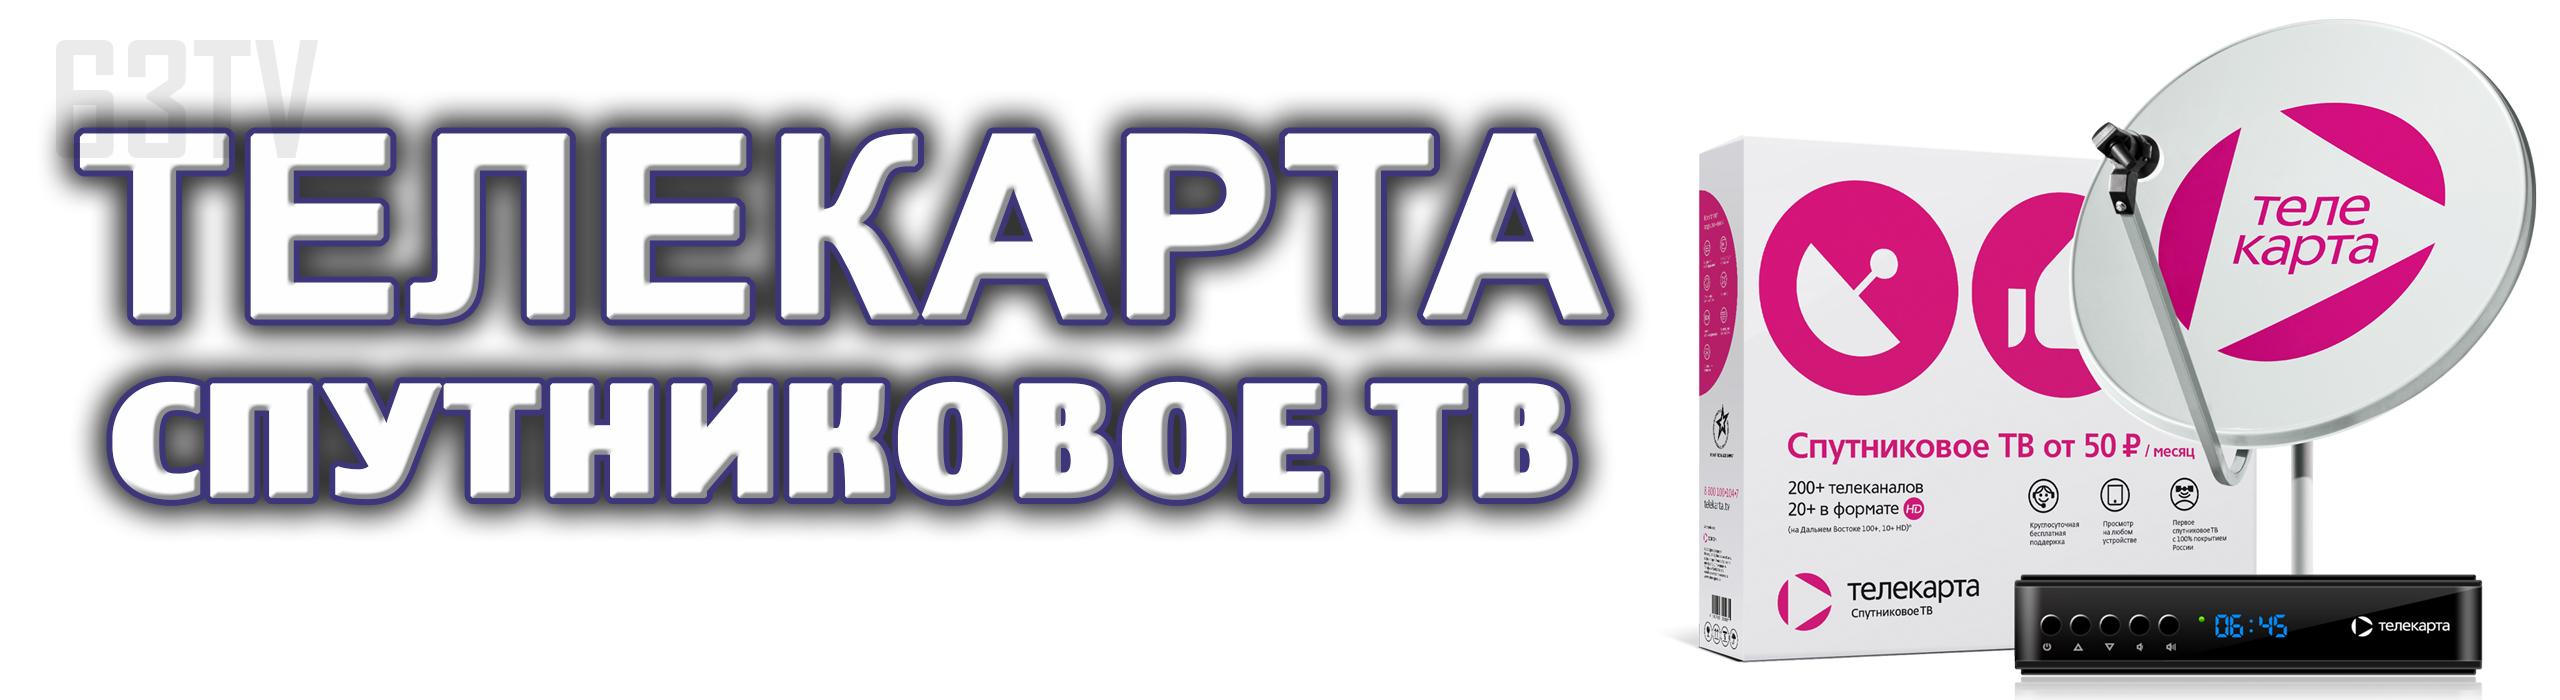 телекарта спутниковое тв